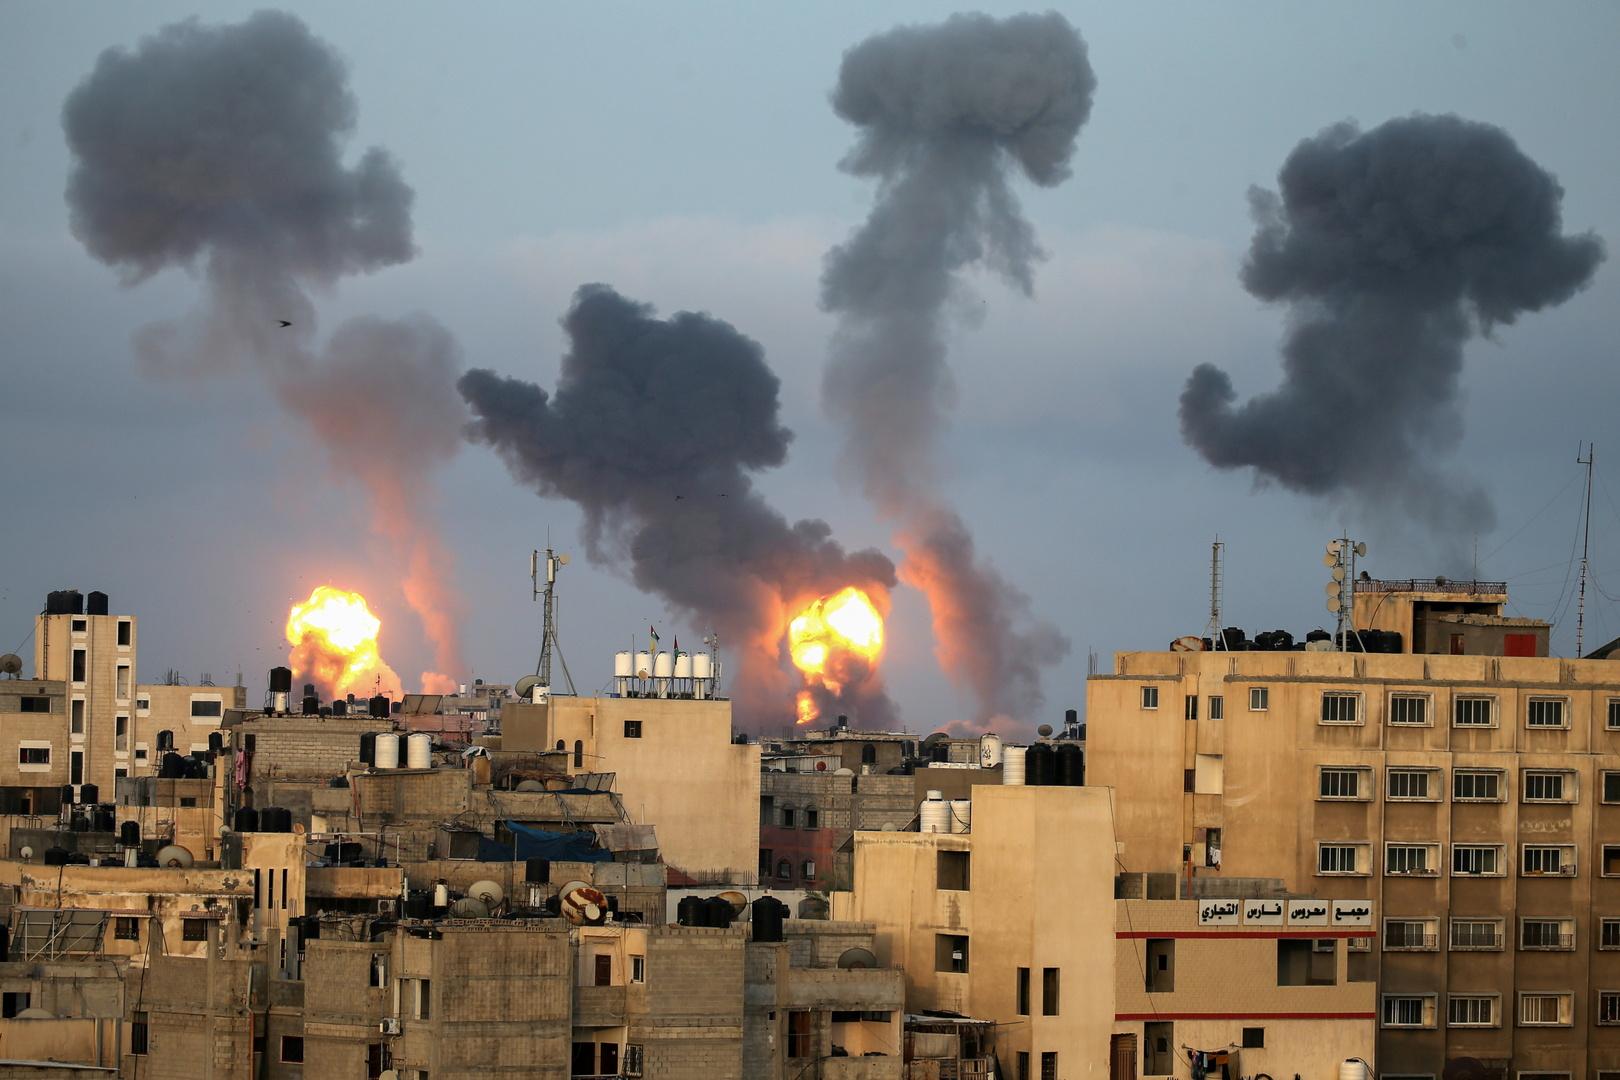 غارات إسرائيلية على قطاع غزة، 11 مايو 2021